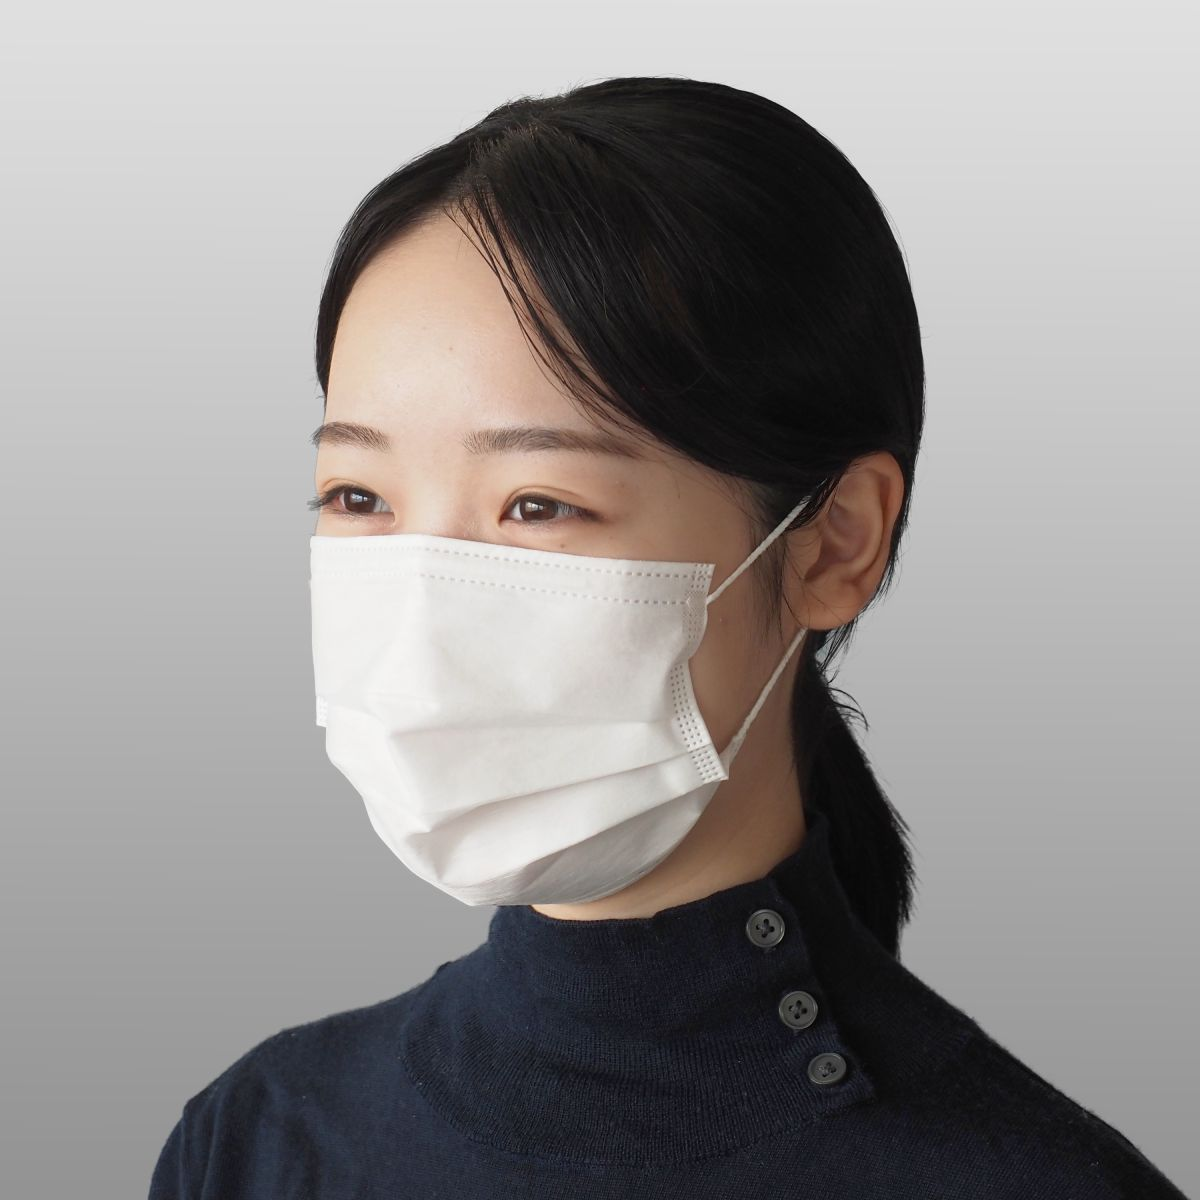 👑 当選 ❗ シャープのマスクが当たりました😎